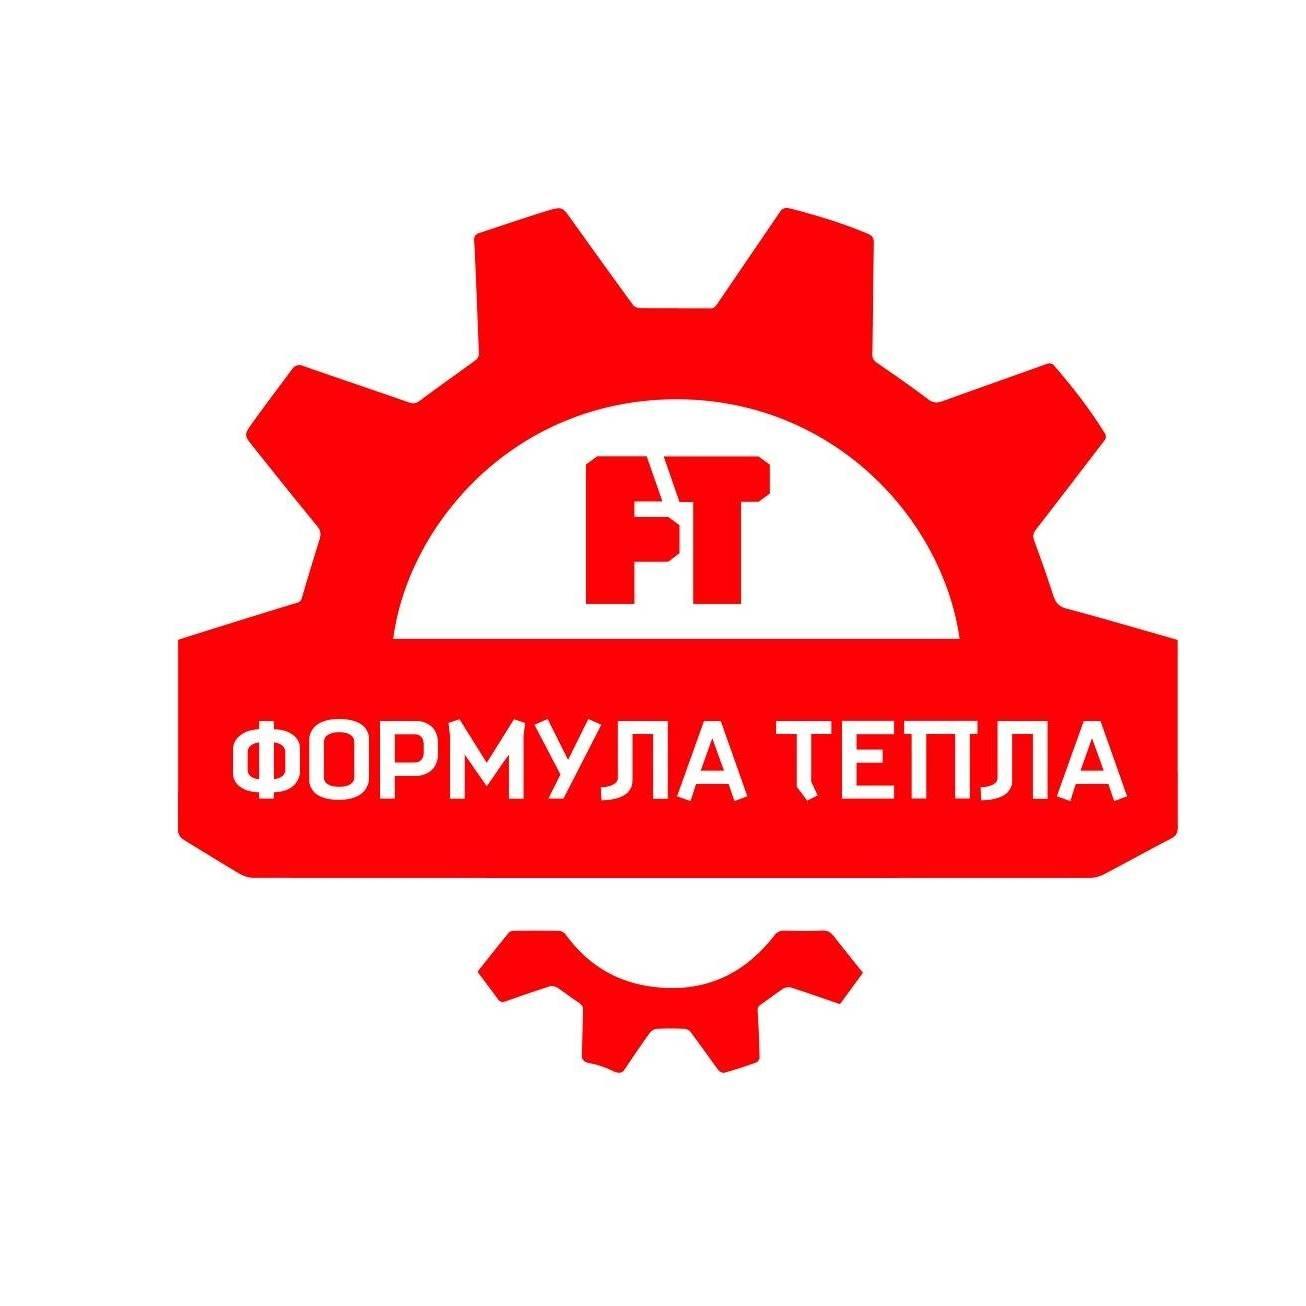 """Компанія """"Формула тепла"""" пропонує якісну продукцію за доступними цінами"""